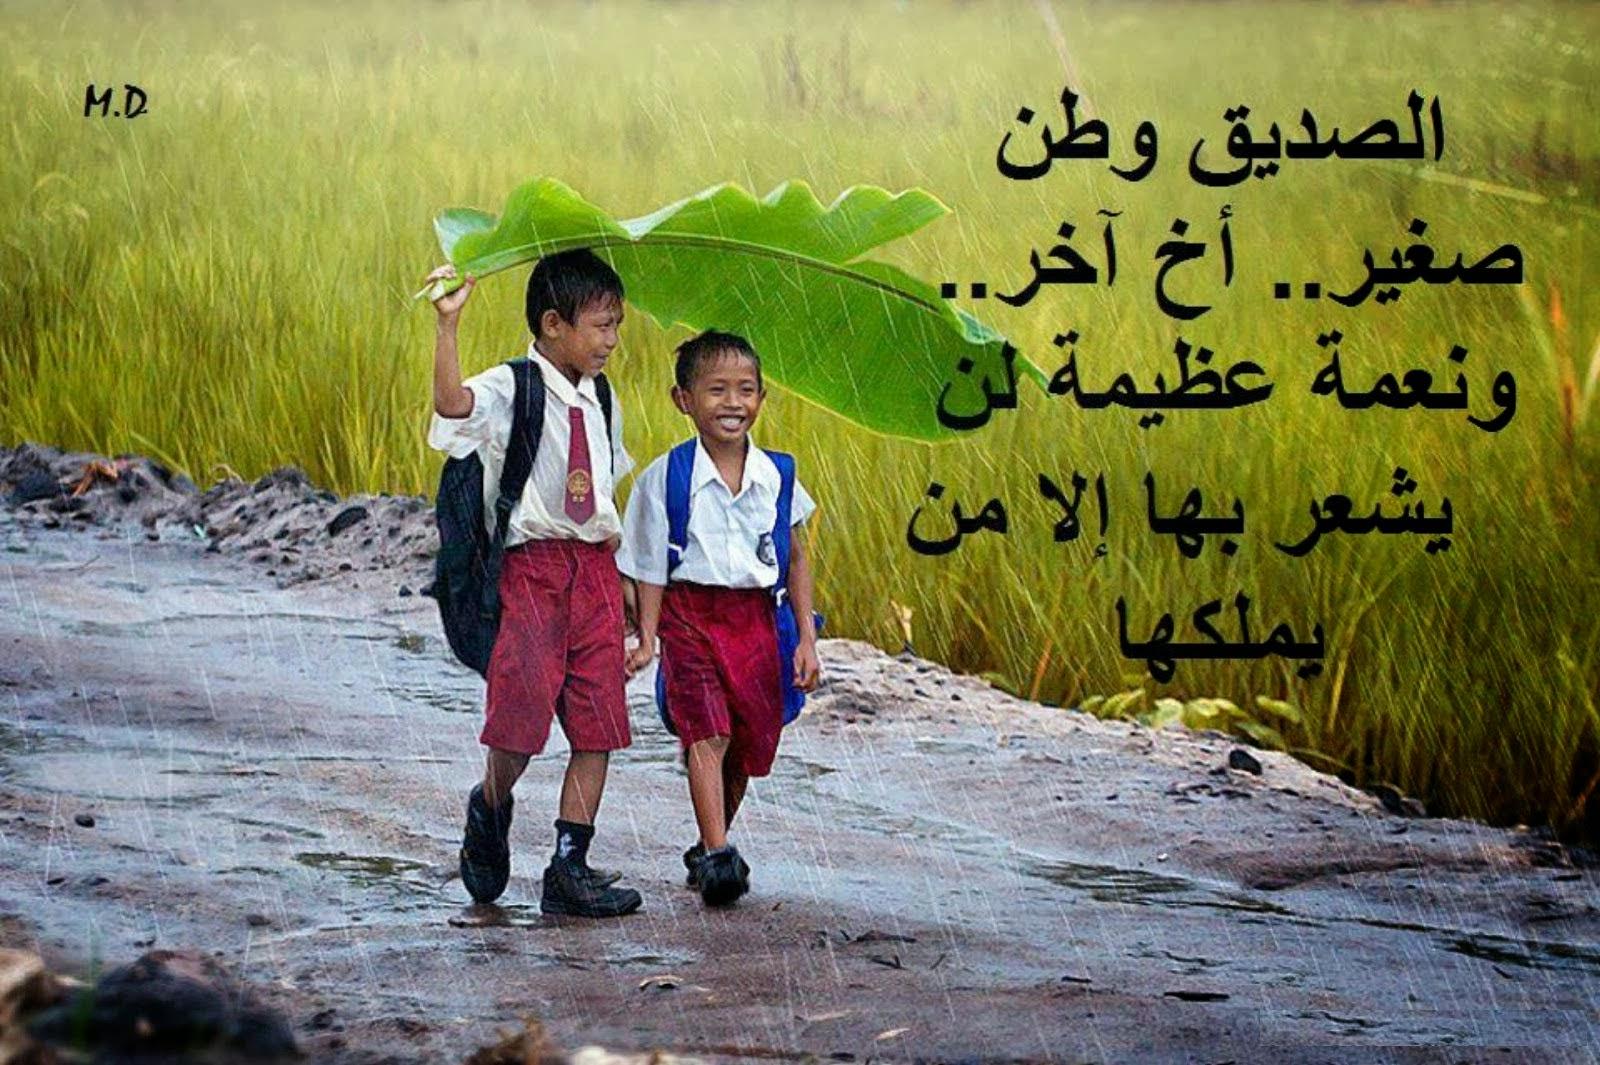 صورة اجمل كلام عن الصديق , كلمات في حب الصديق